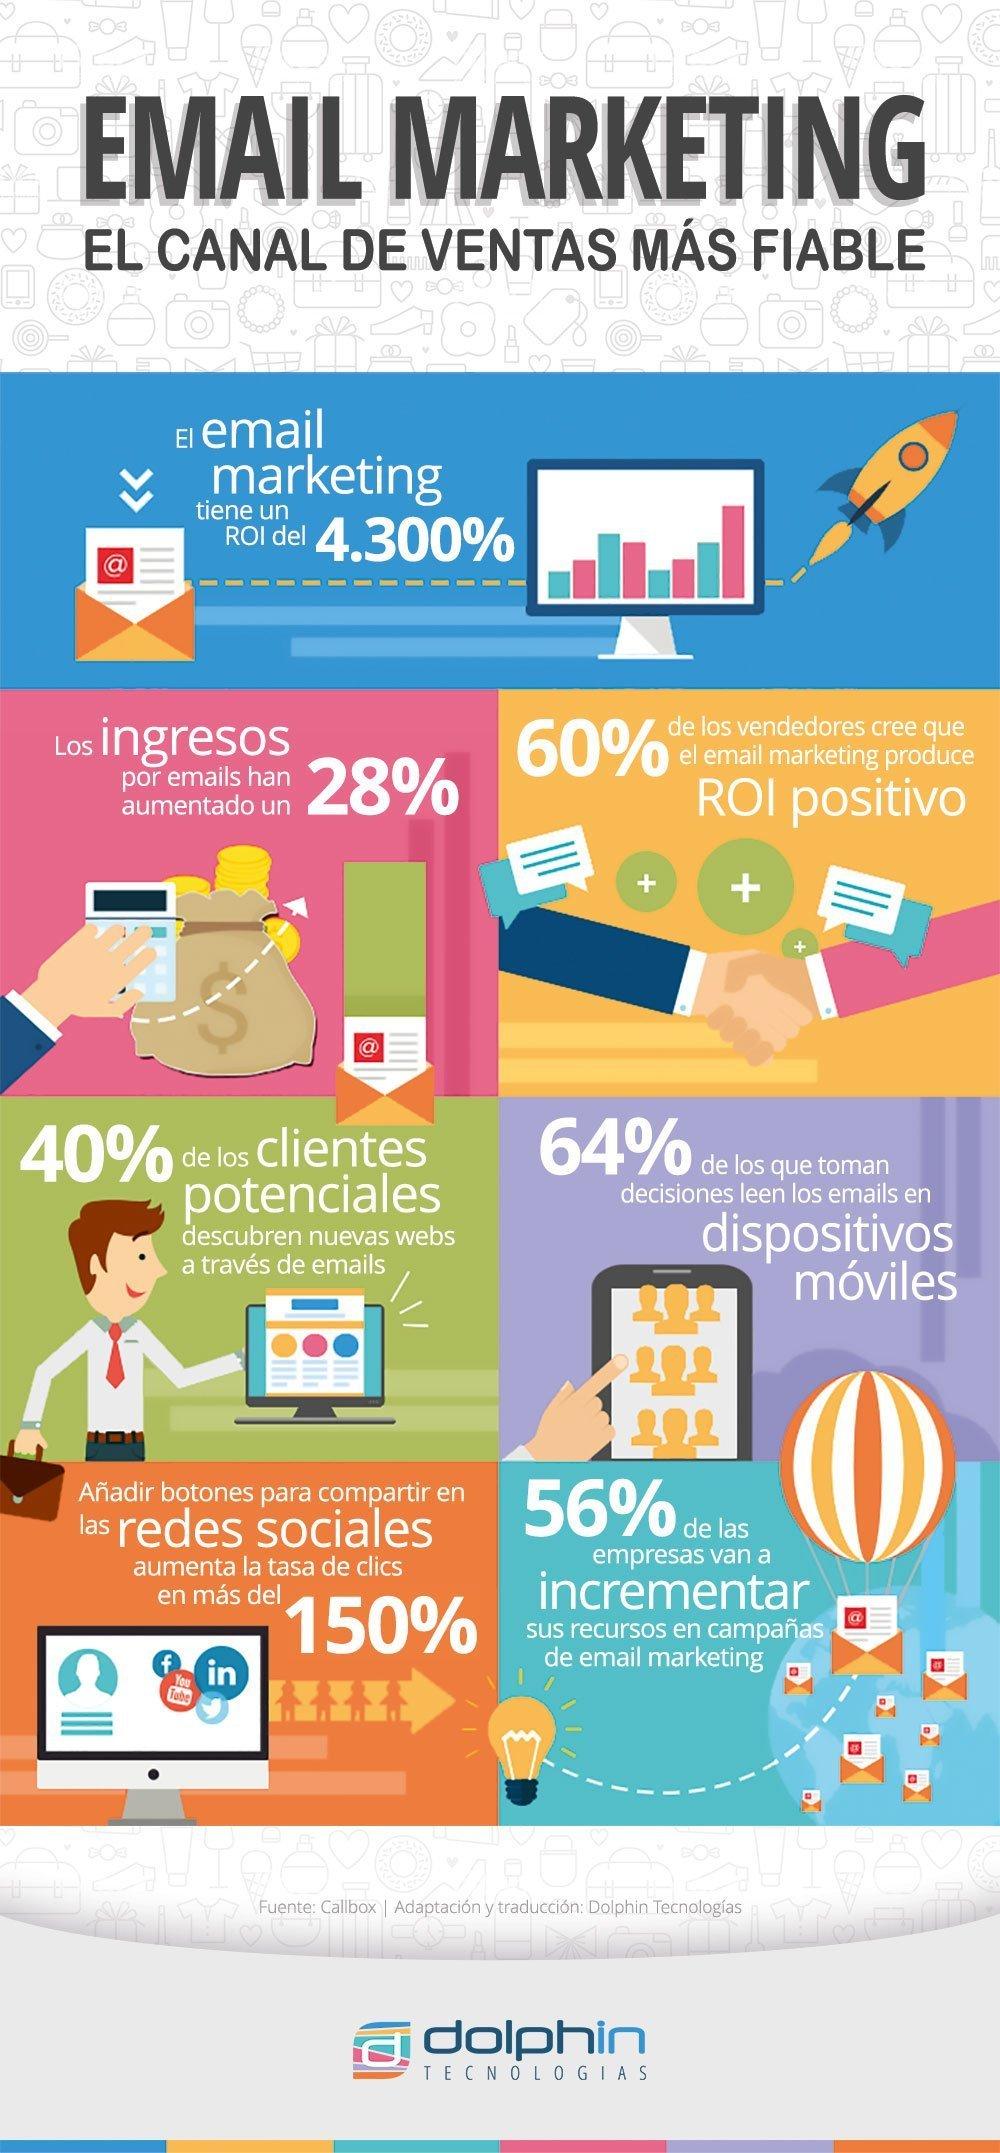 Email marketing es aún el canal de comunicación más fiable